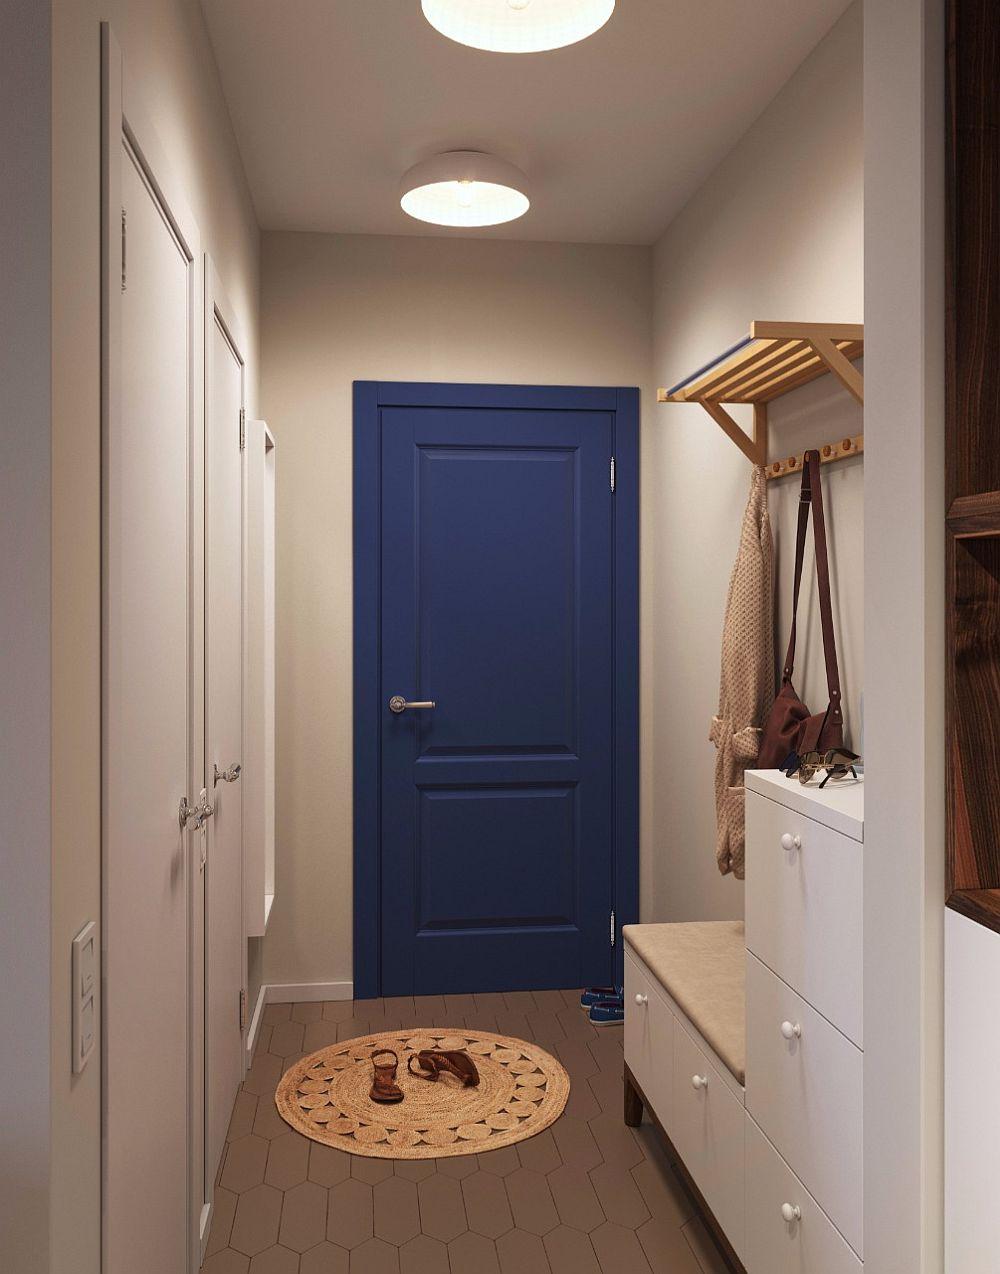 Pentru că e deschis către living, holul de la intrare (3,3 mp) a fost tratat cât mai atent cu putință. Un cuier minimal există aici, ca și o banchetă cu sertare și un pantofar minimal. Ușa de la intrare este vopsită în albastru, o pată de culoare binevenită într-un spațiu mic unde ușile interioare albe s-au dorit a fi camuflate în ansamblul pereților albi.